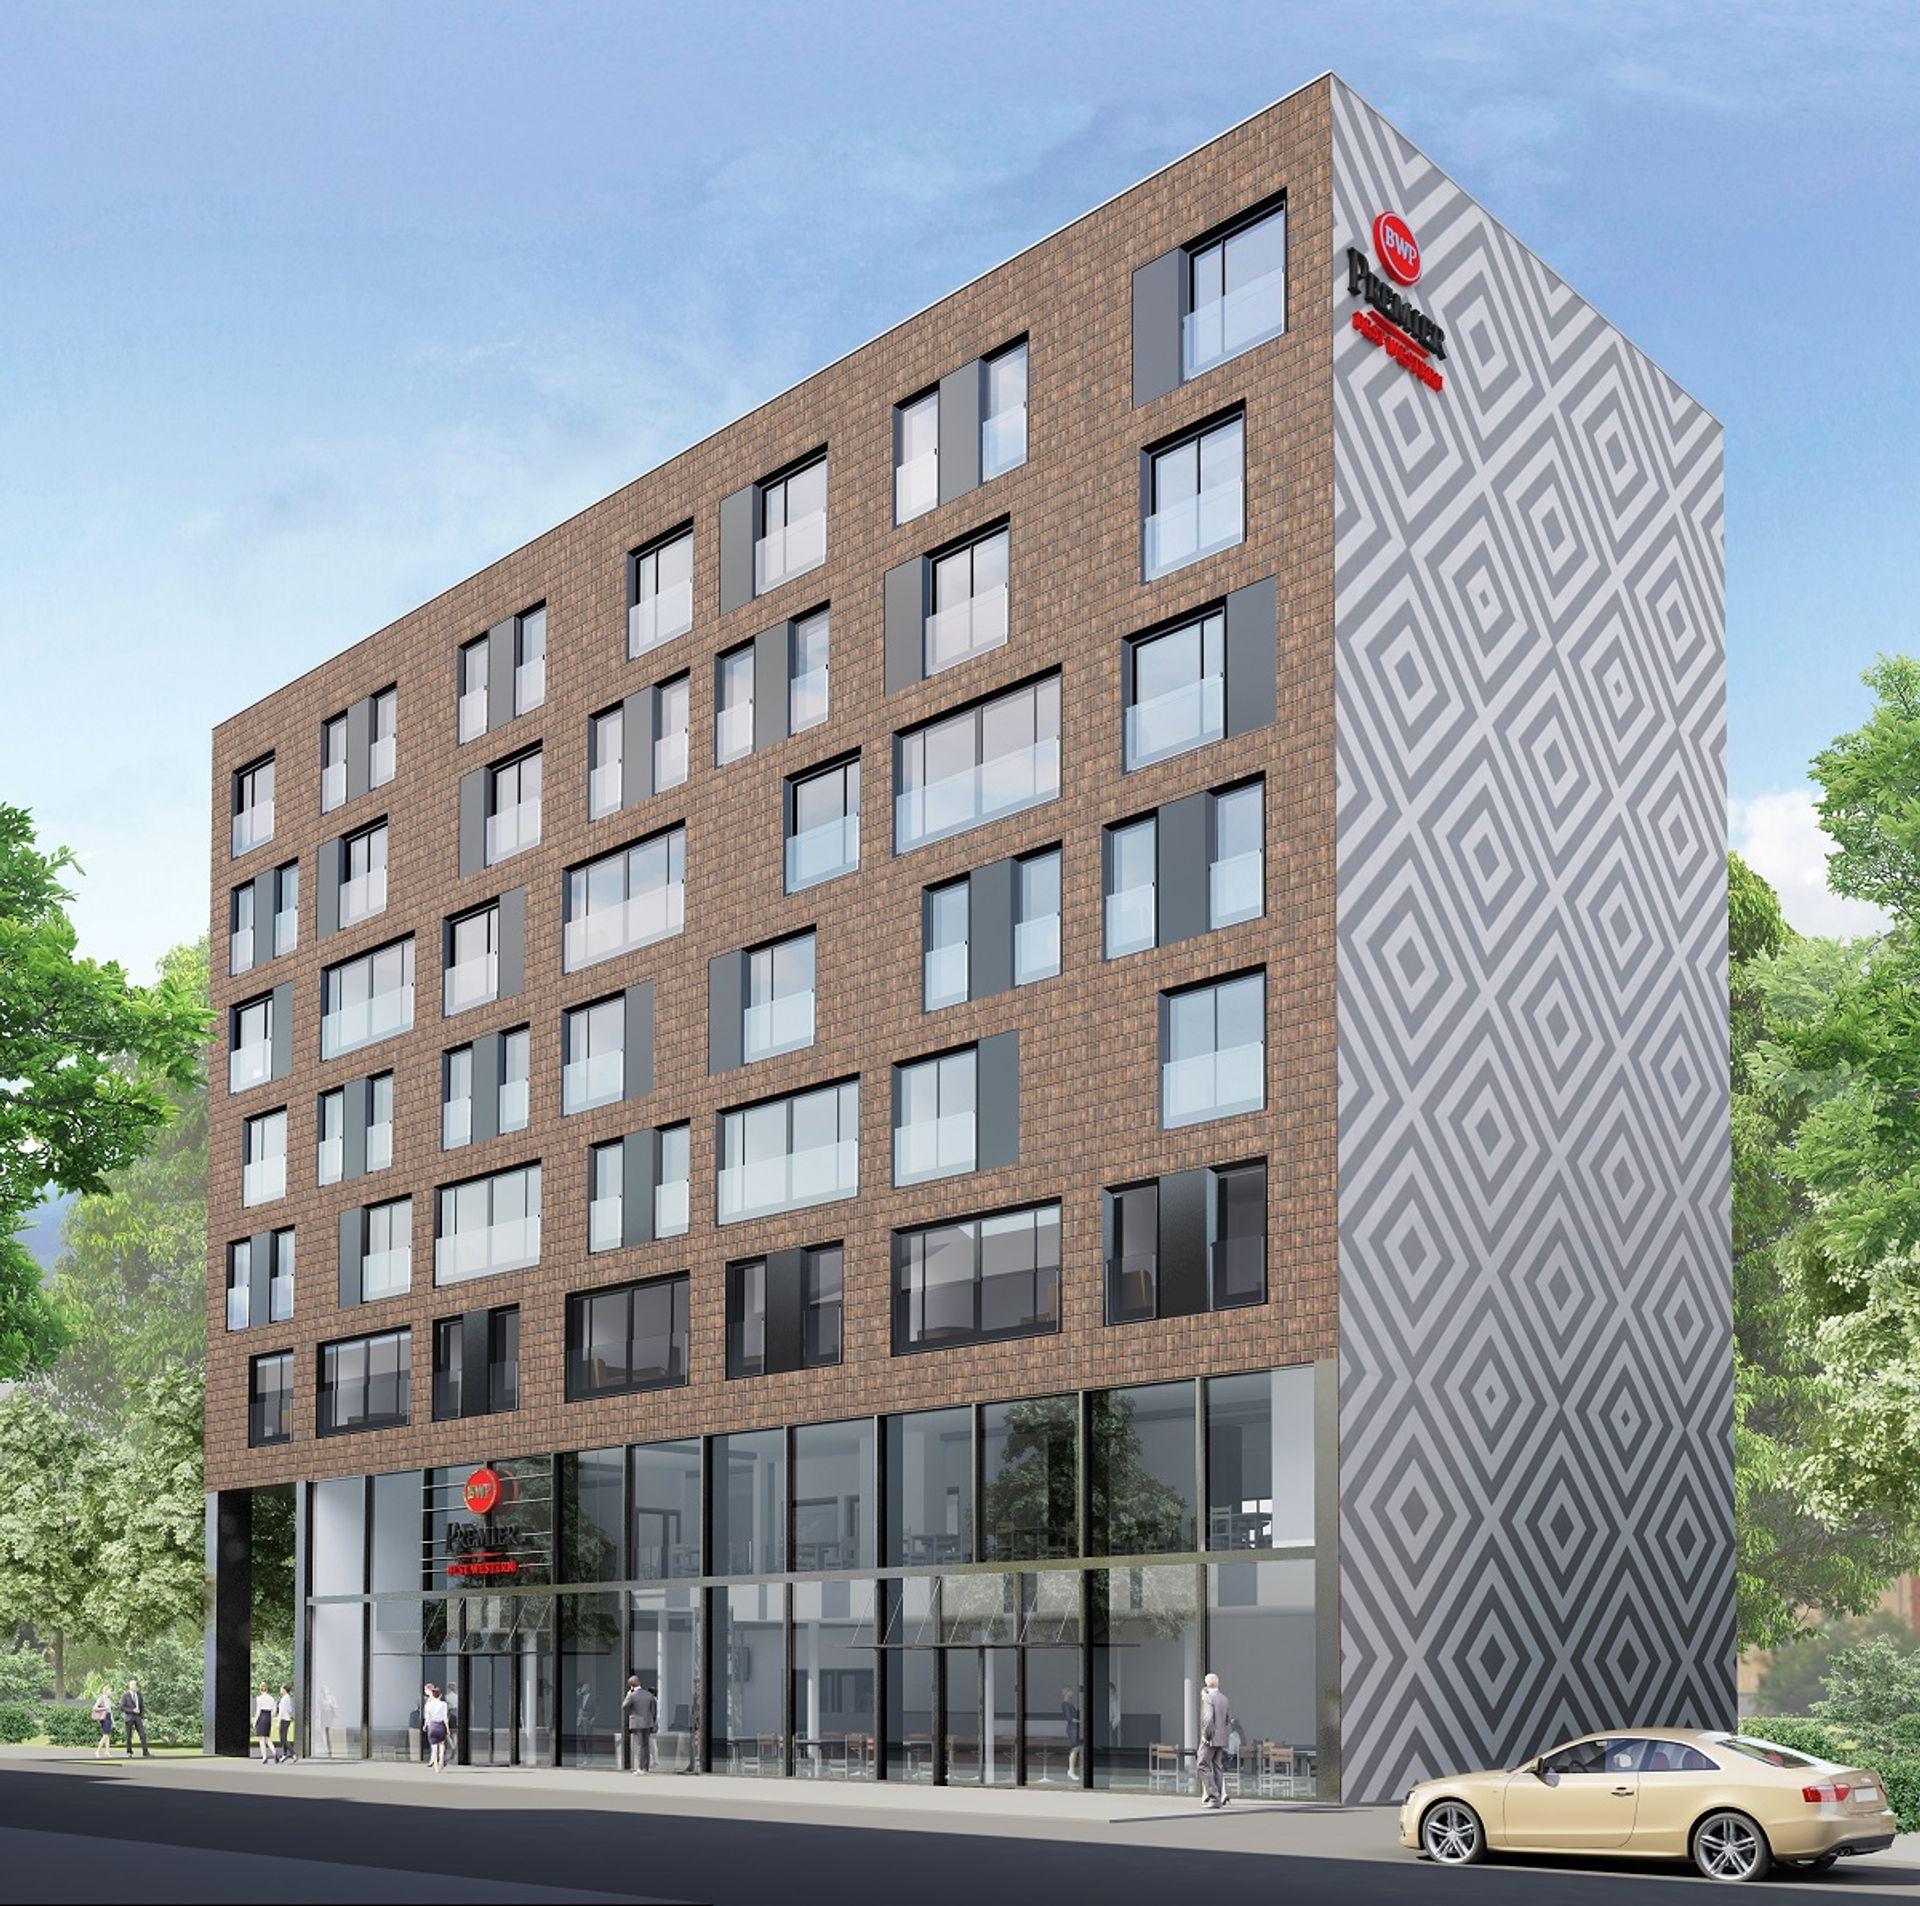 [Wrocław] Vis-a-vis Dworca Głównego stanie nowy hotel. Będzie należał do znanej sieci [WIZUALIZACJE]